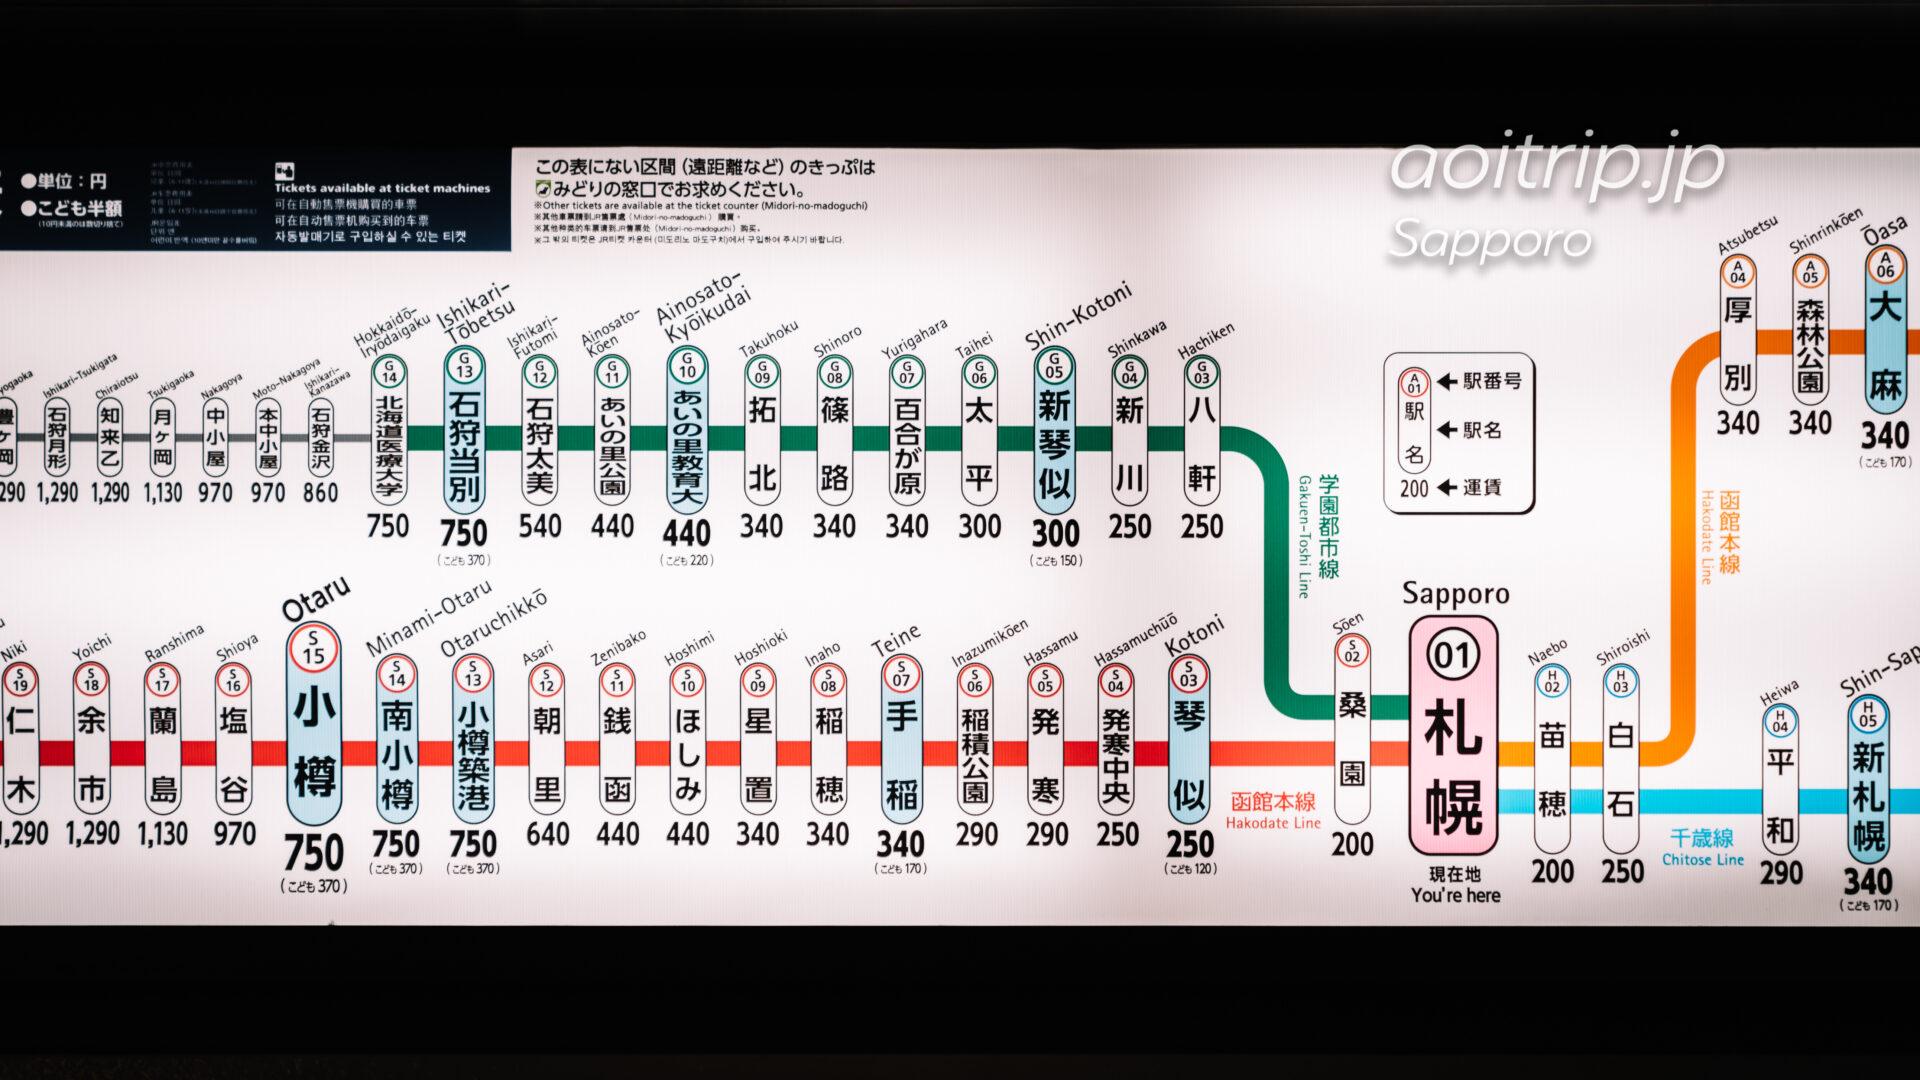 小樽へのアクセス・札幌から小樽への行き方まとめ